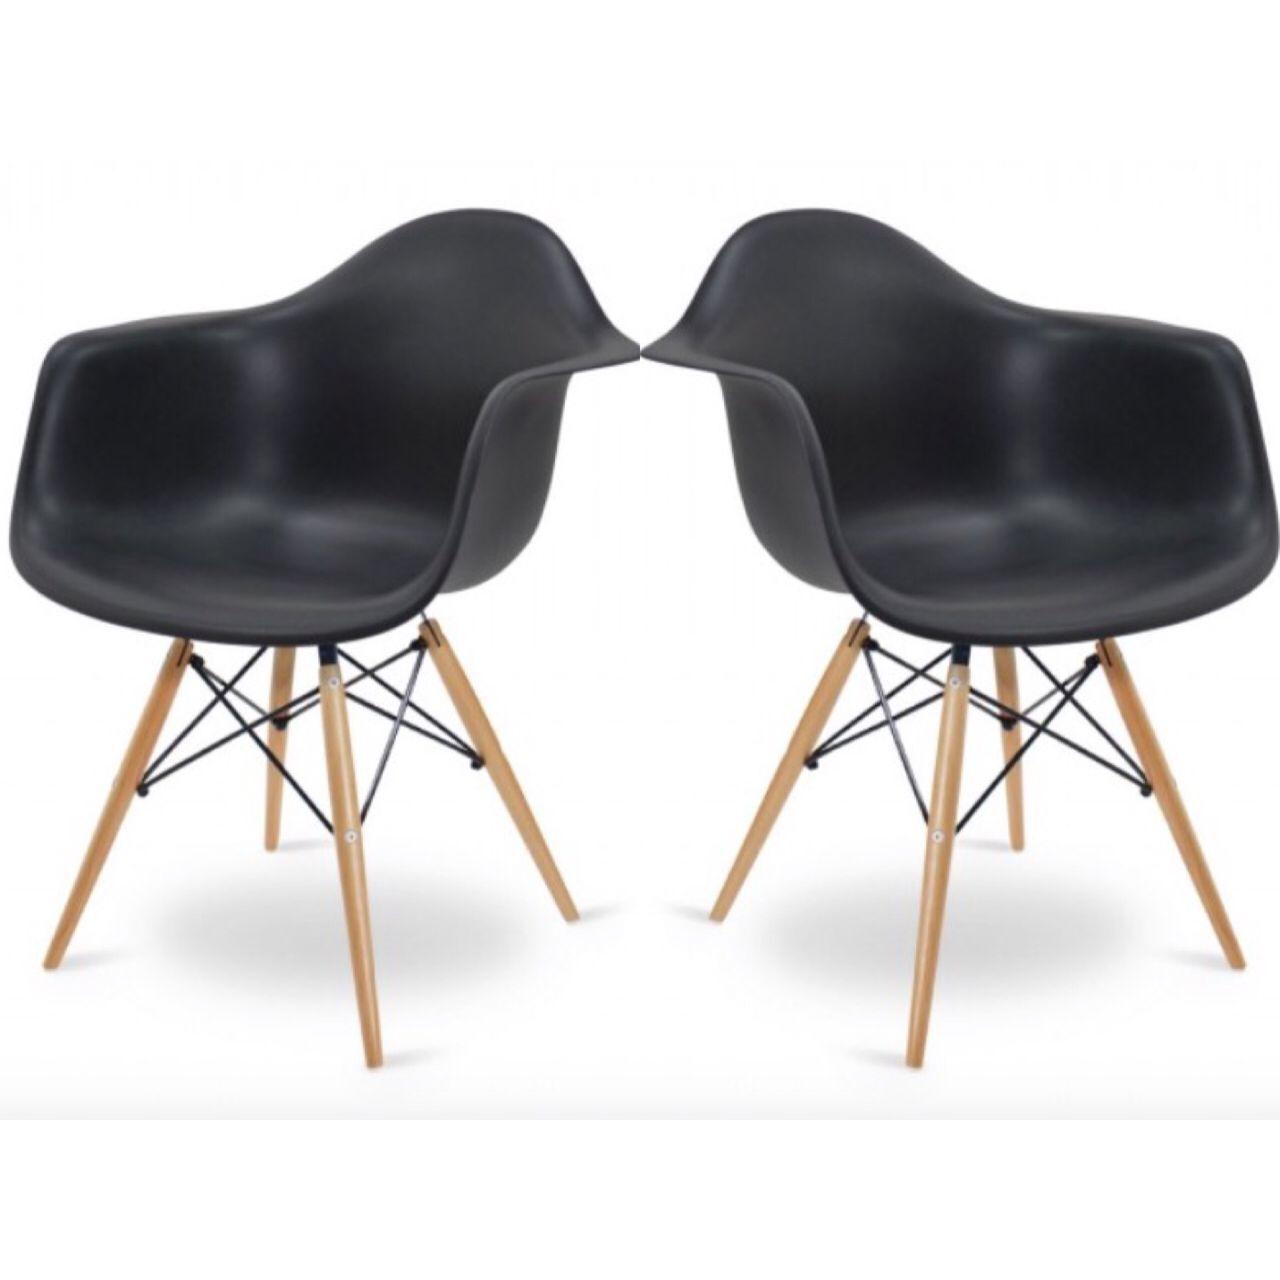 2er st hle esstischstuhl stuhl esszimmerstuhl b rostuhl for Design stuhl eiffel